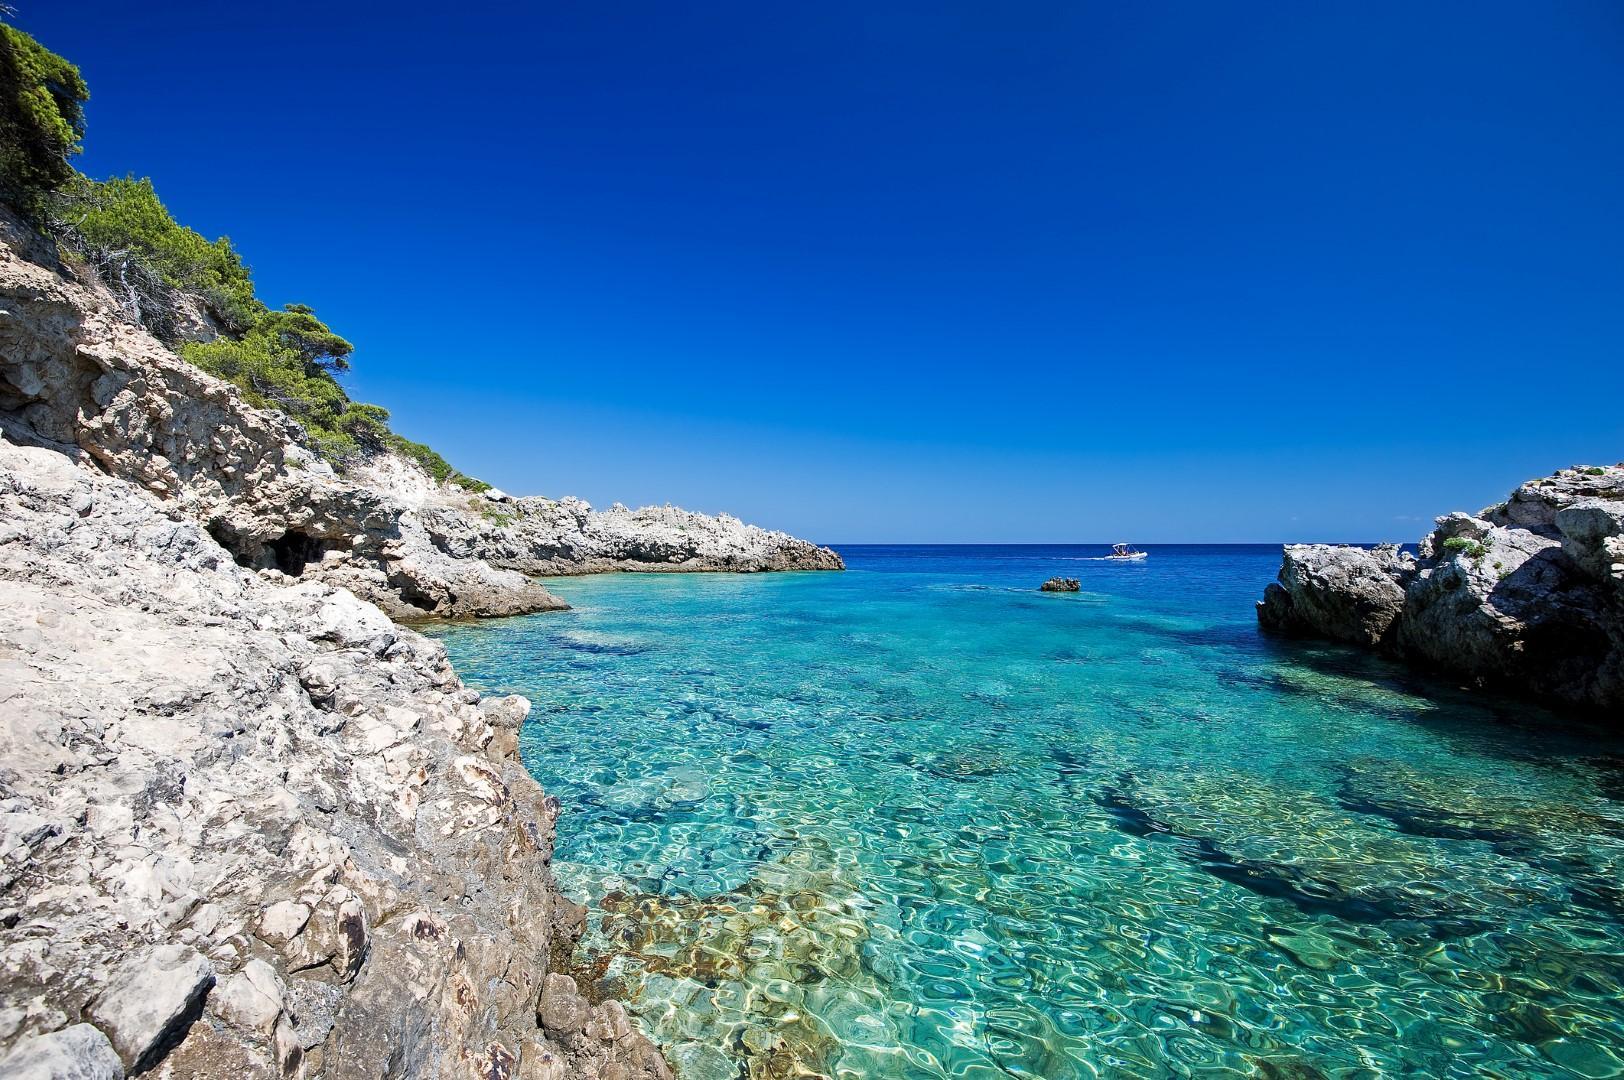 Spiaggia di isola di pianosa tremiti for Una storia ospita vicino a me